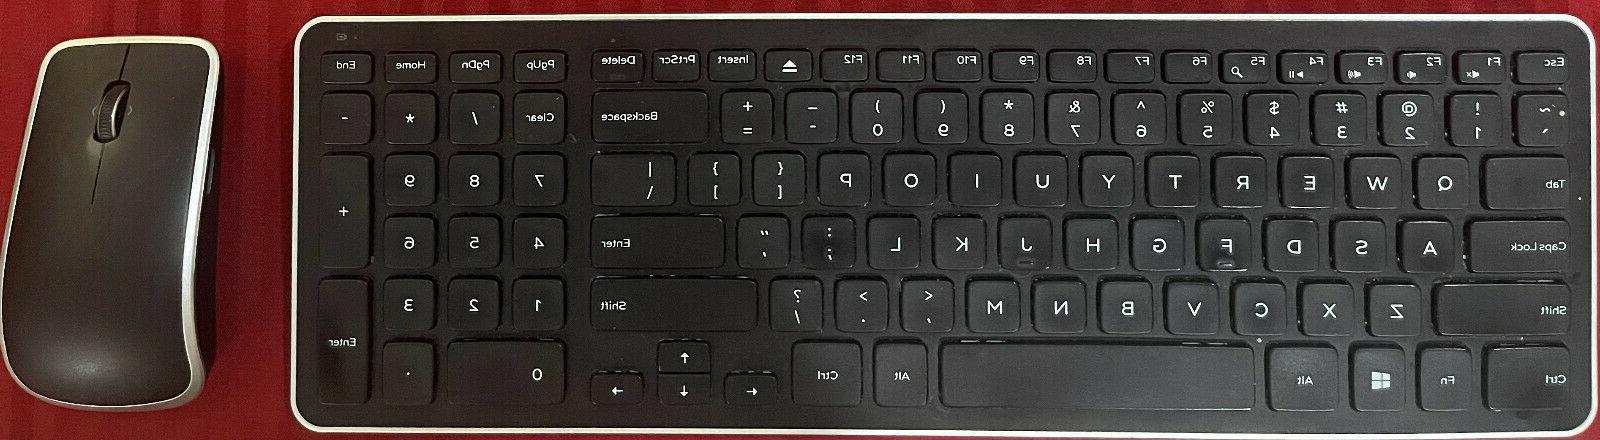 Dell KM714 Wireless Mouse/Keyboard